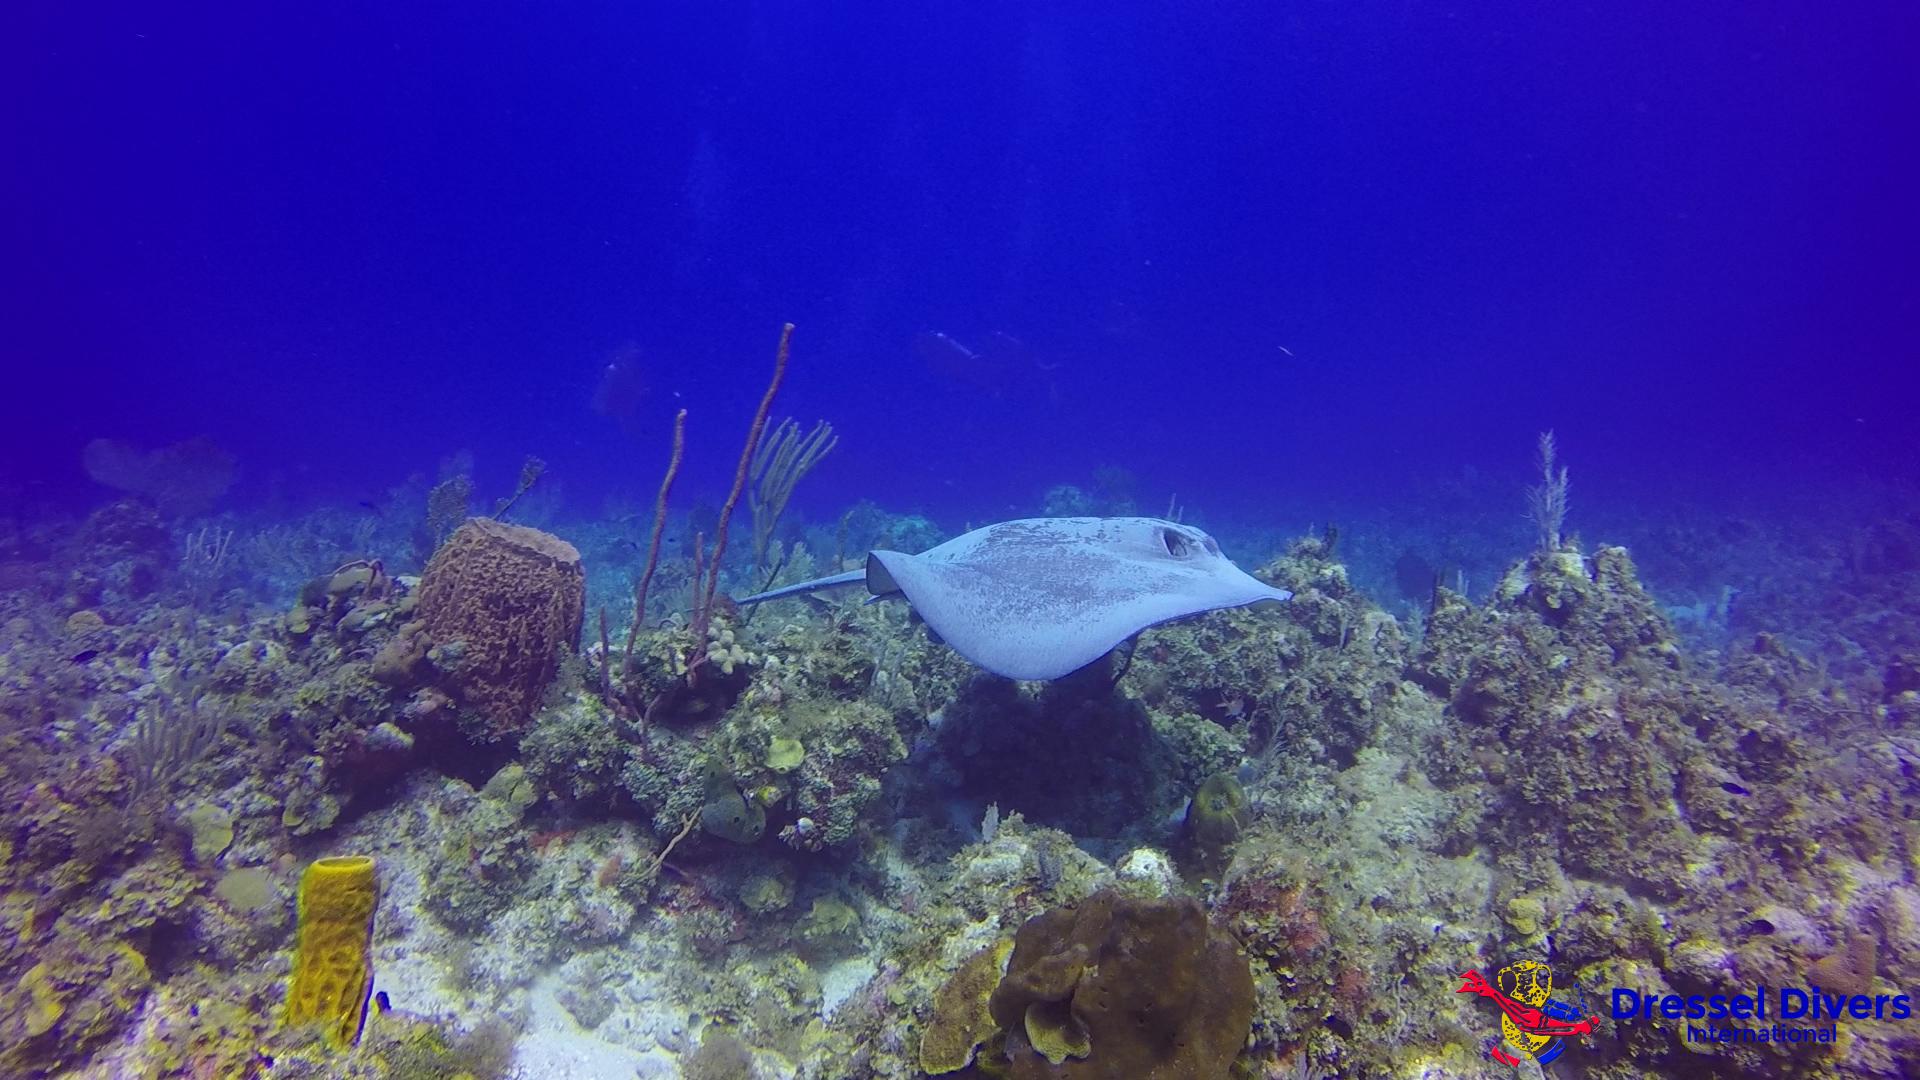 Best Caribbean Coral Reefs Jamaica-arrecifes de coral del Caribe